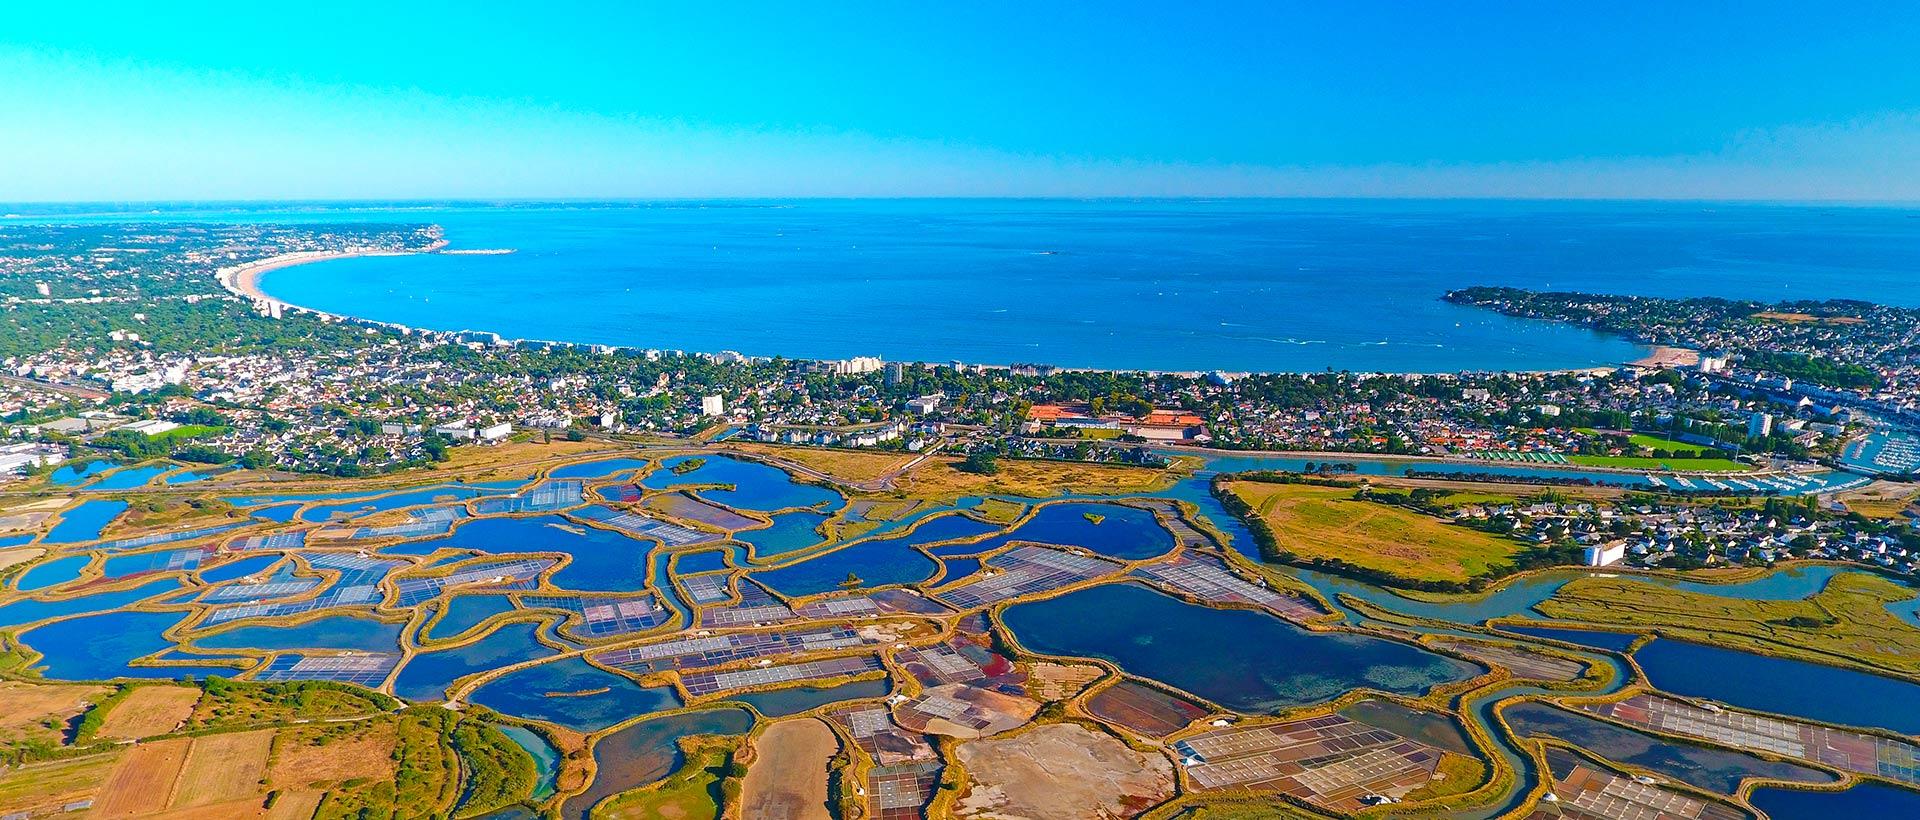 Bahía de La Baule